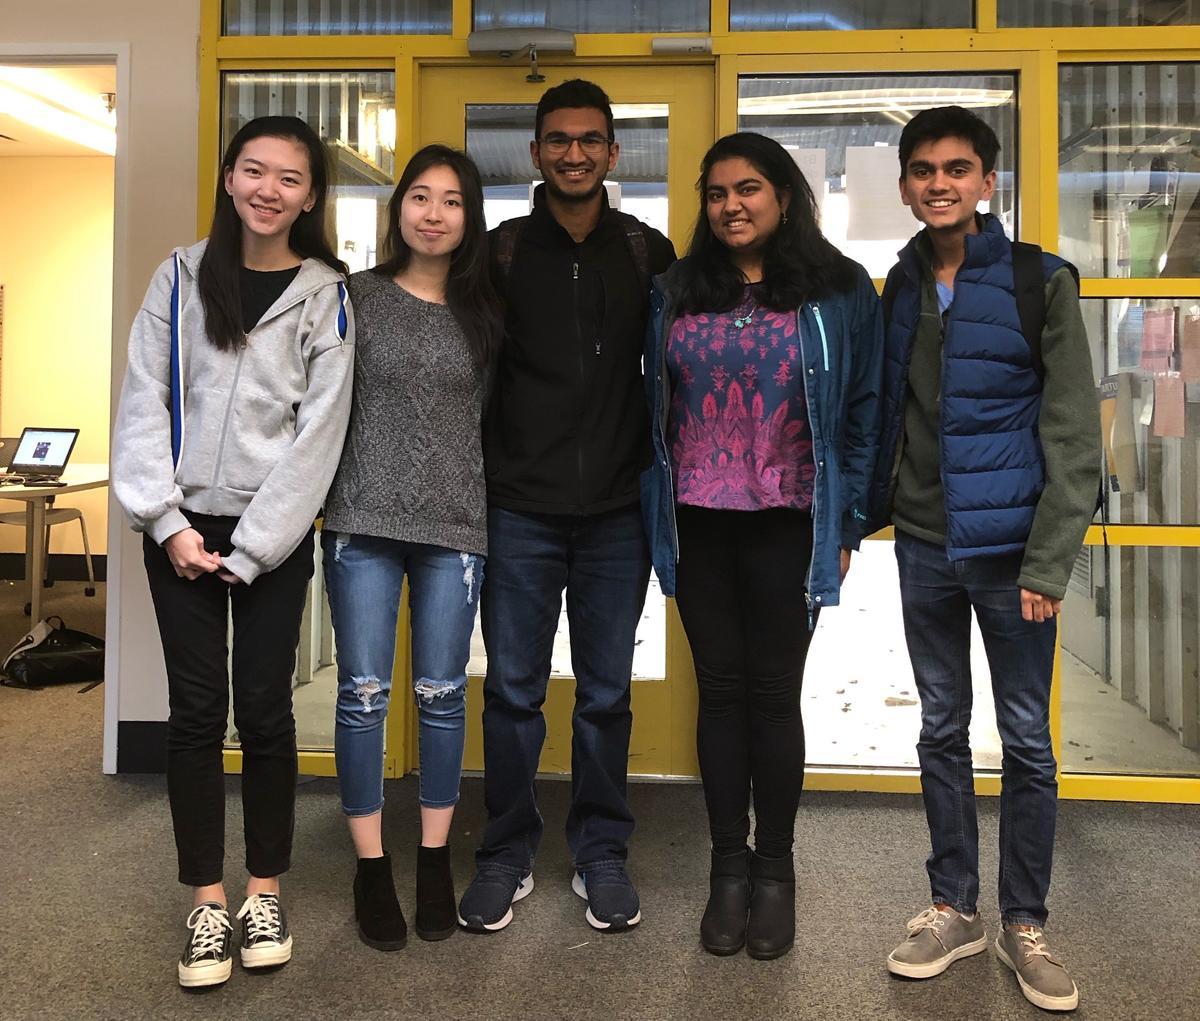 UN OCHA student team